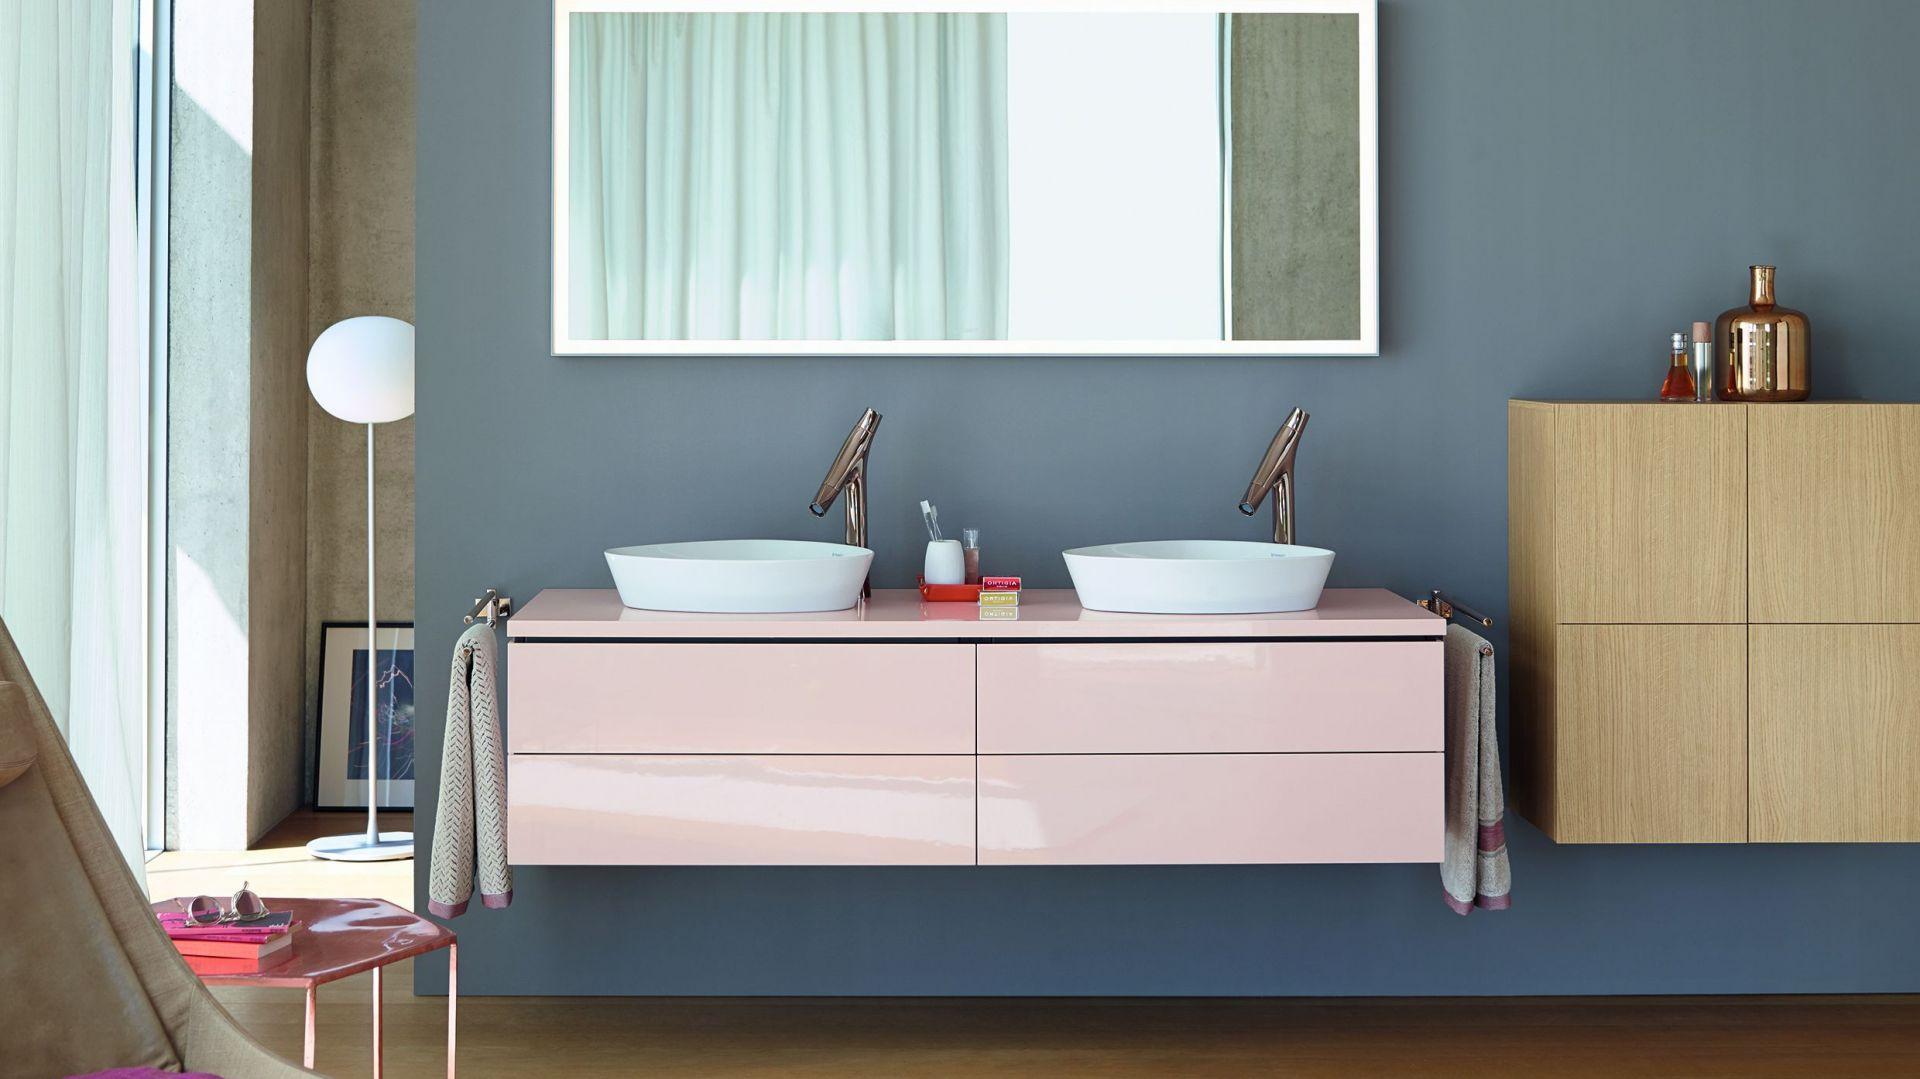 Kolekcja mebli łazienkowych L-Cube marki Duravit. Fot. Duravit